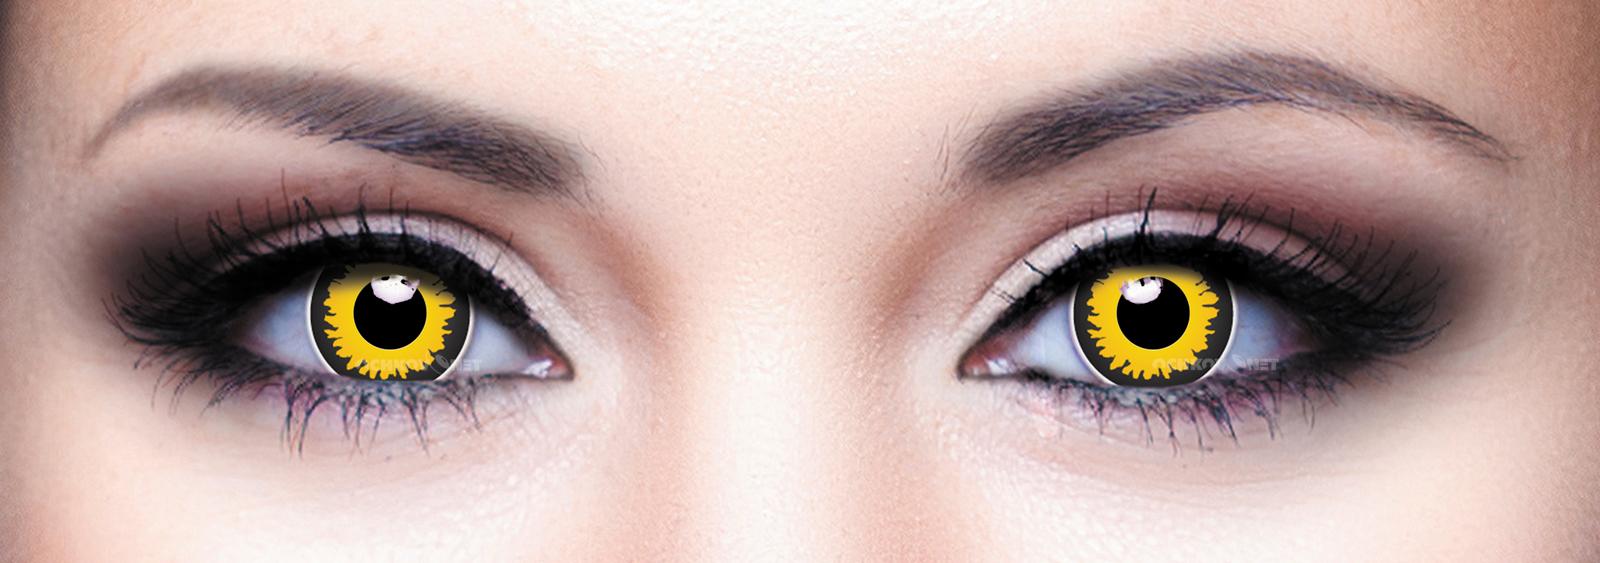 Контактные линзы Eye Free Colors Crazy Волк-Черный-043 2 линзы